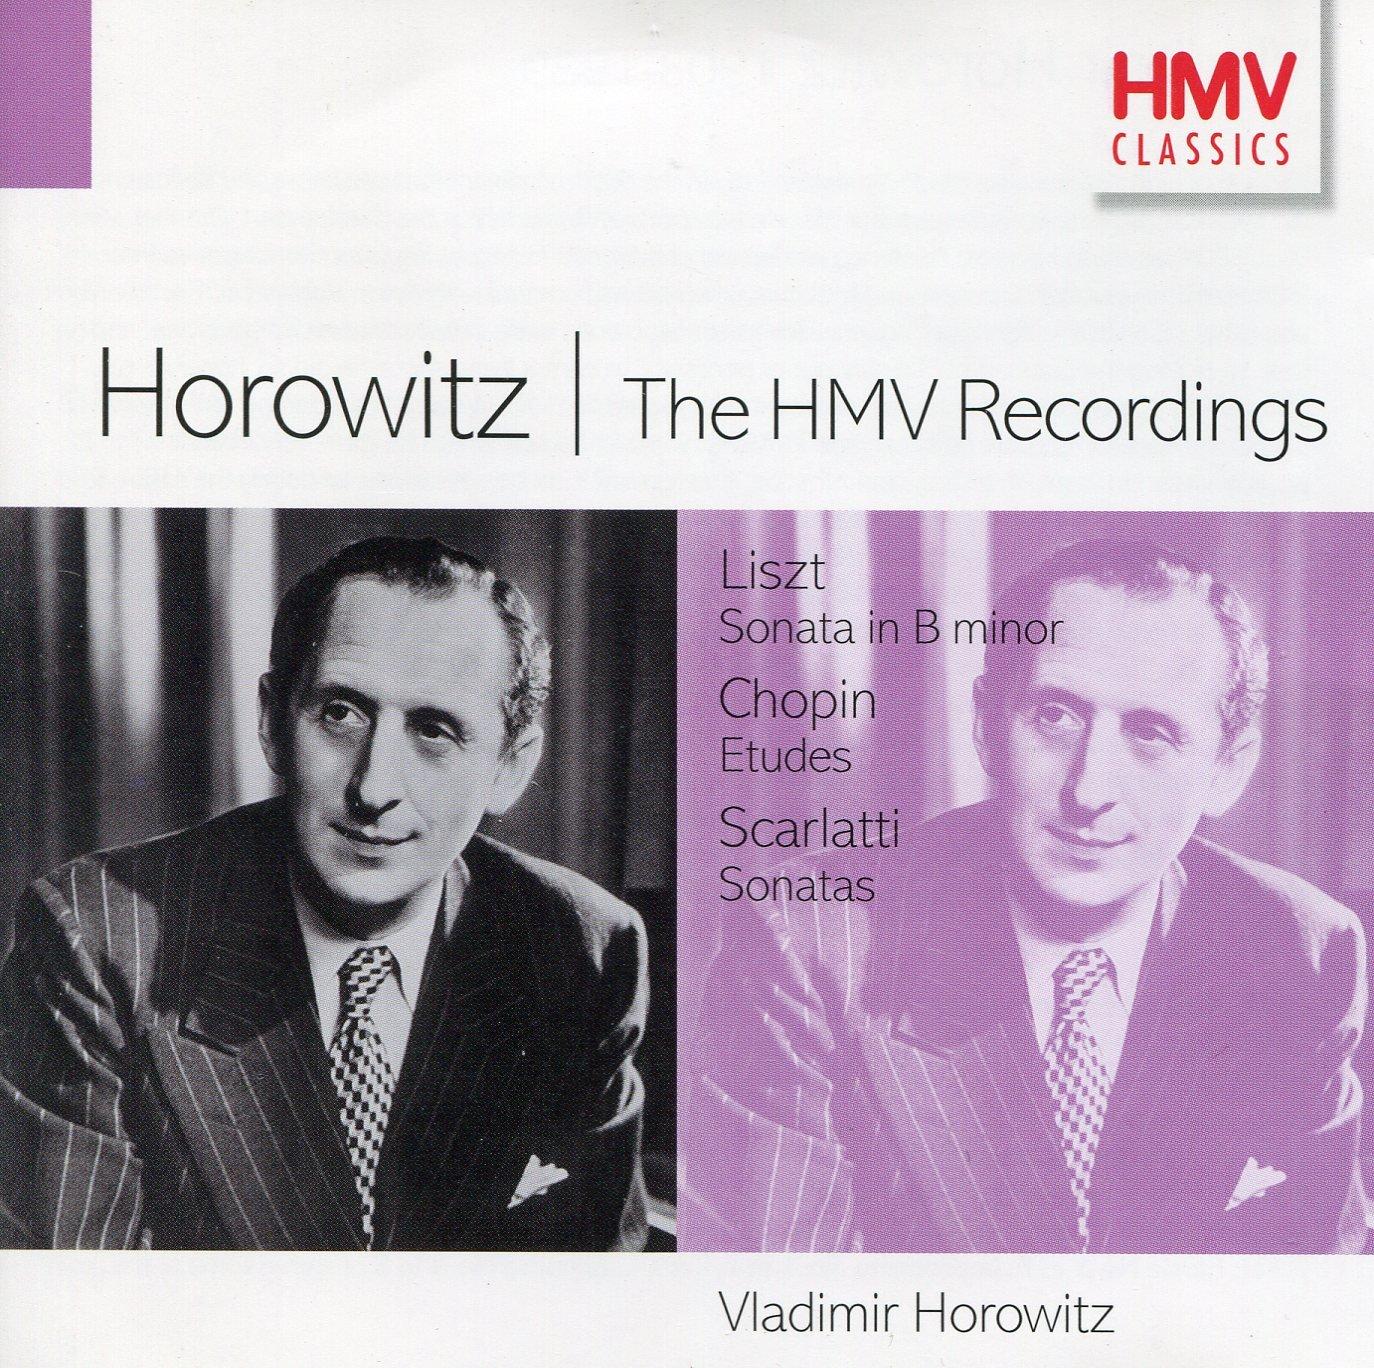 Liszt, Chopin, Scarlatti, Schumann, Debussy, Poulenc, Stravinsky, Rimsky-Korsakov, Vladimir Horowitz Horowitz - The HMV Recordings